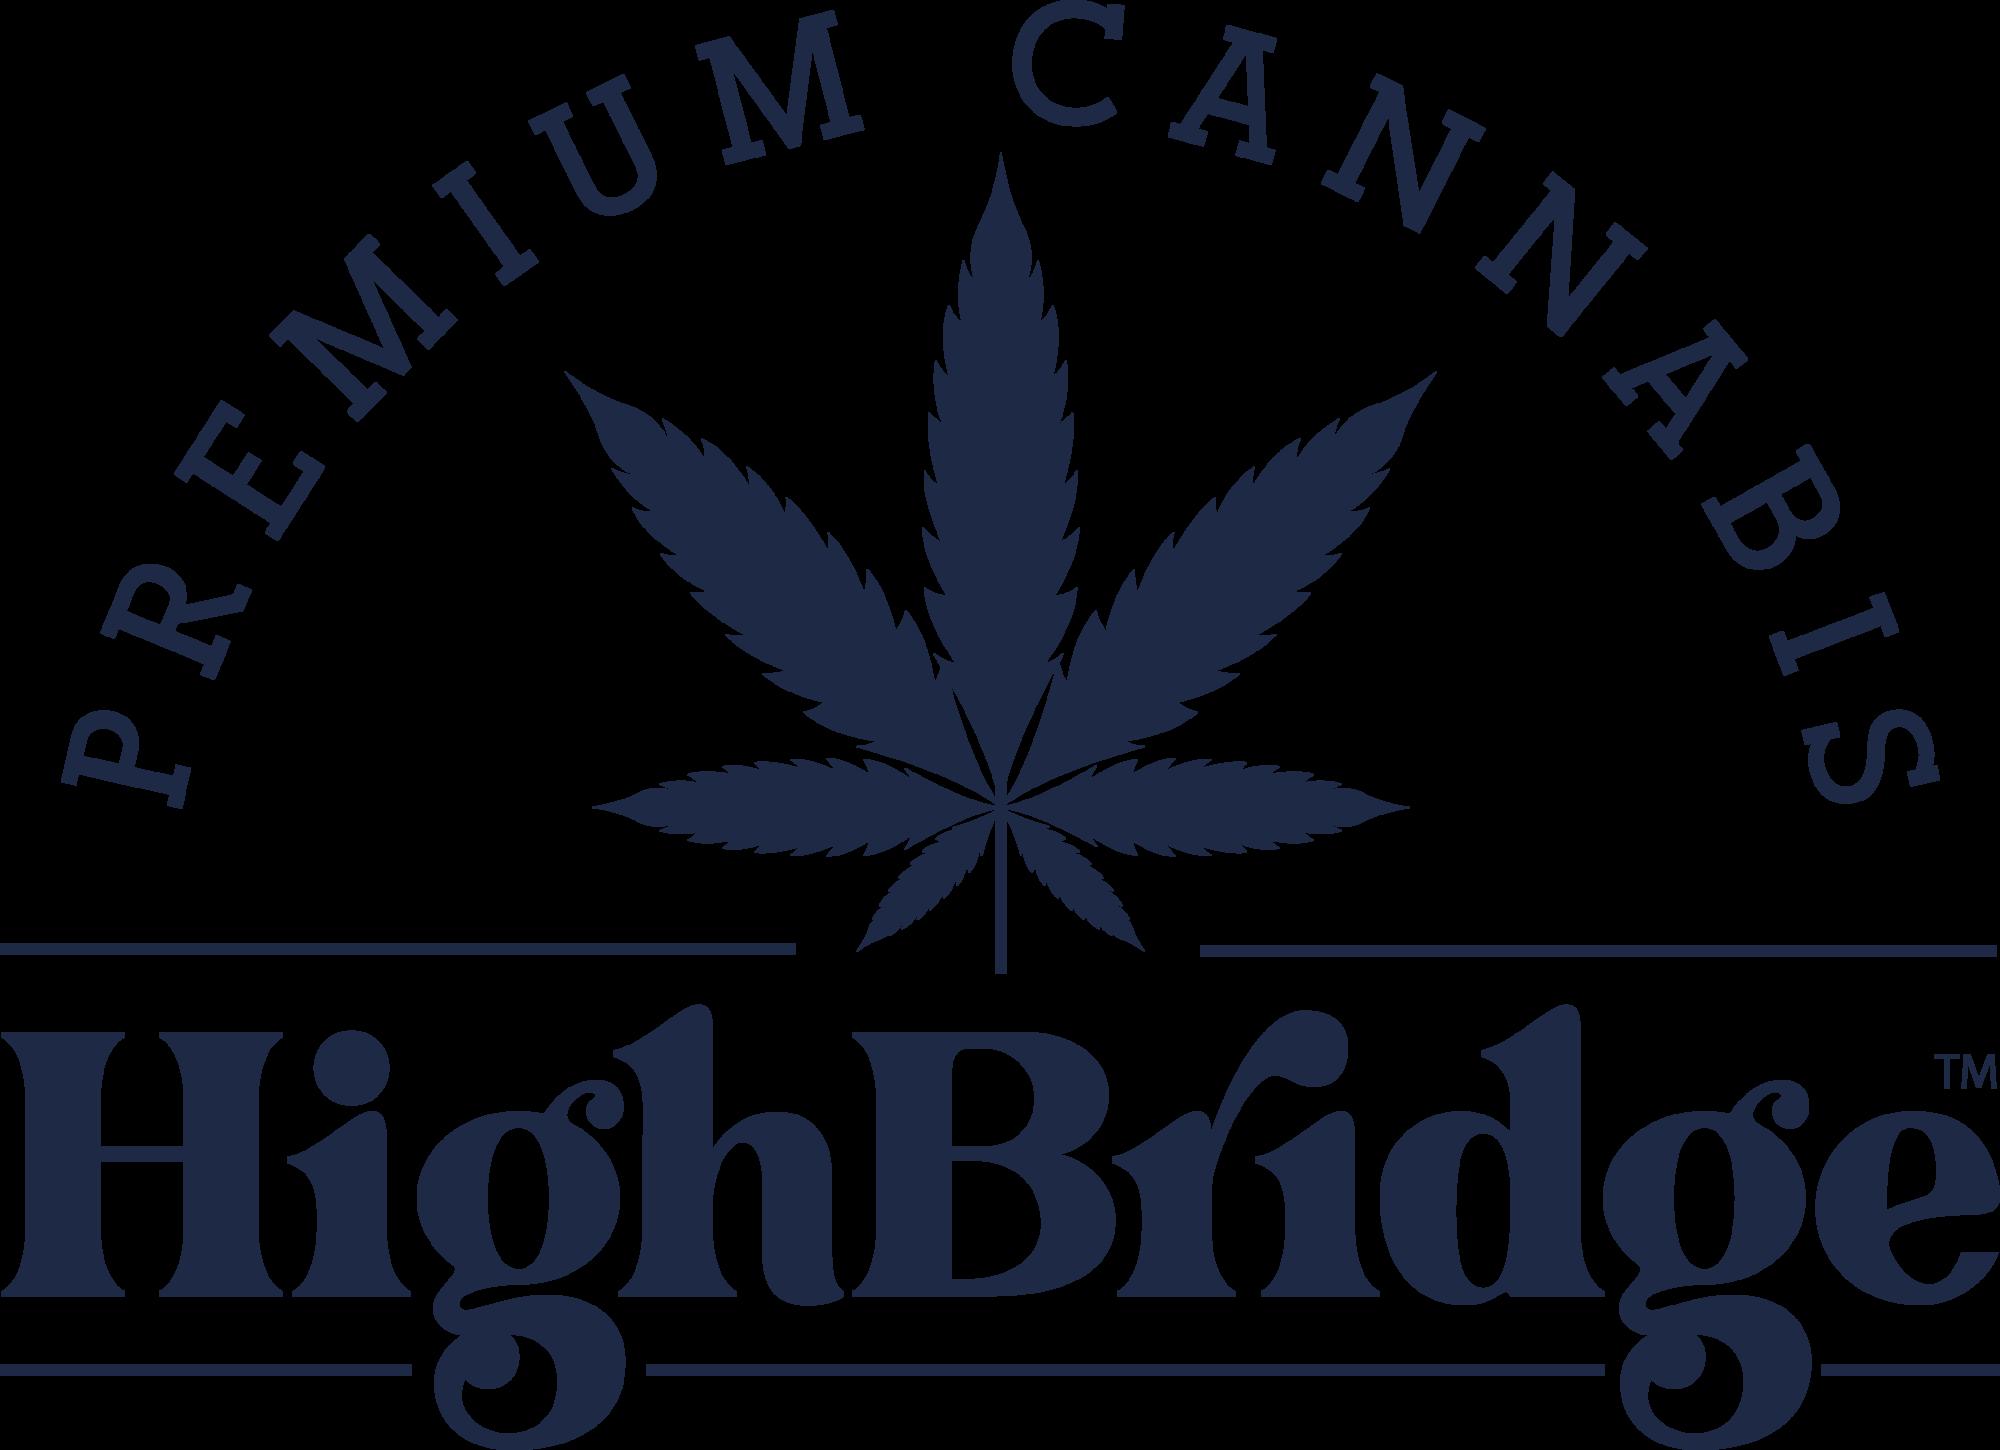 Highbridge Premium